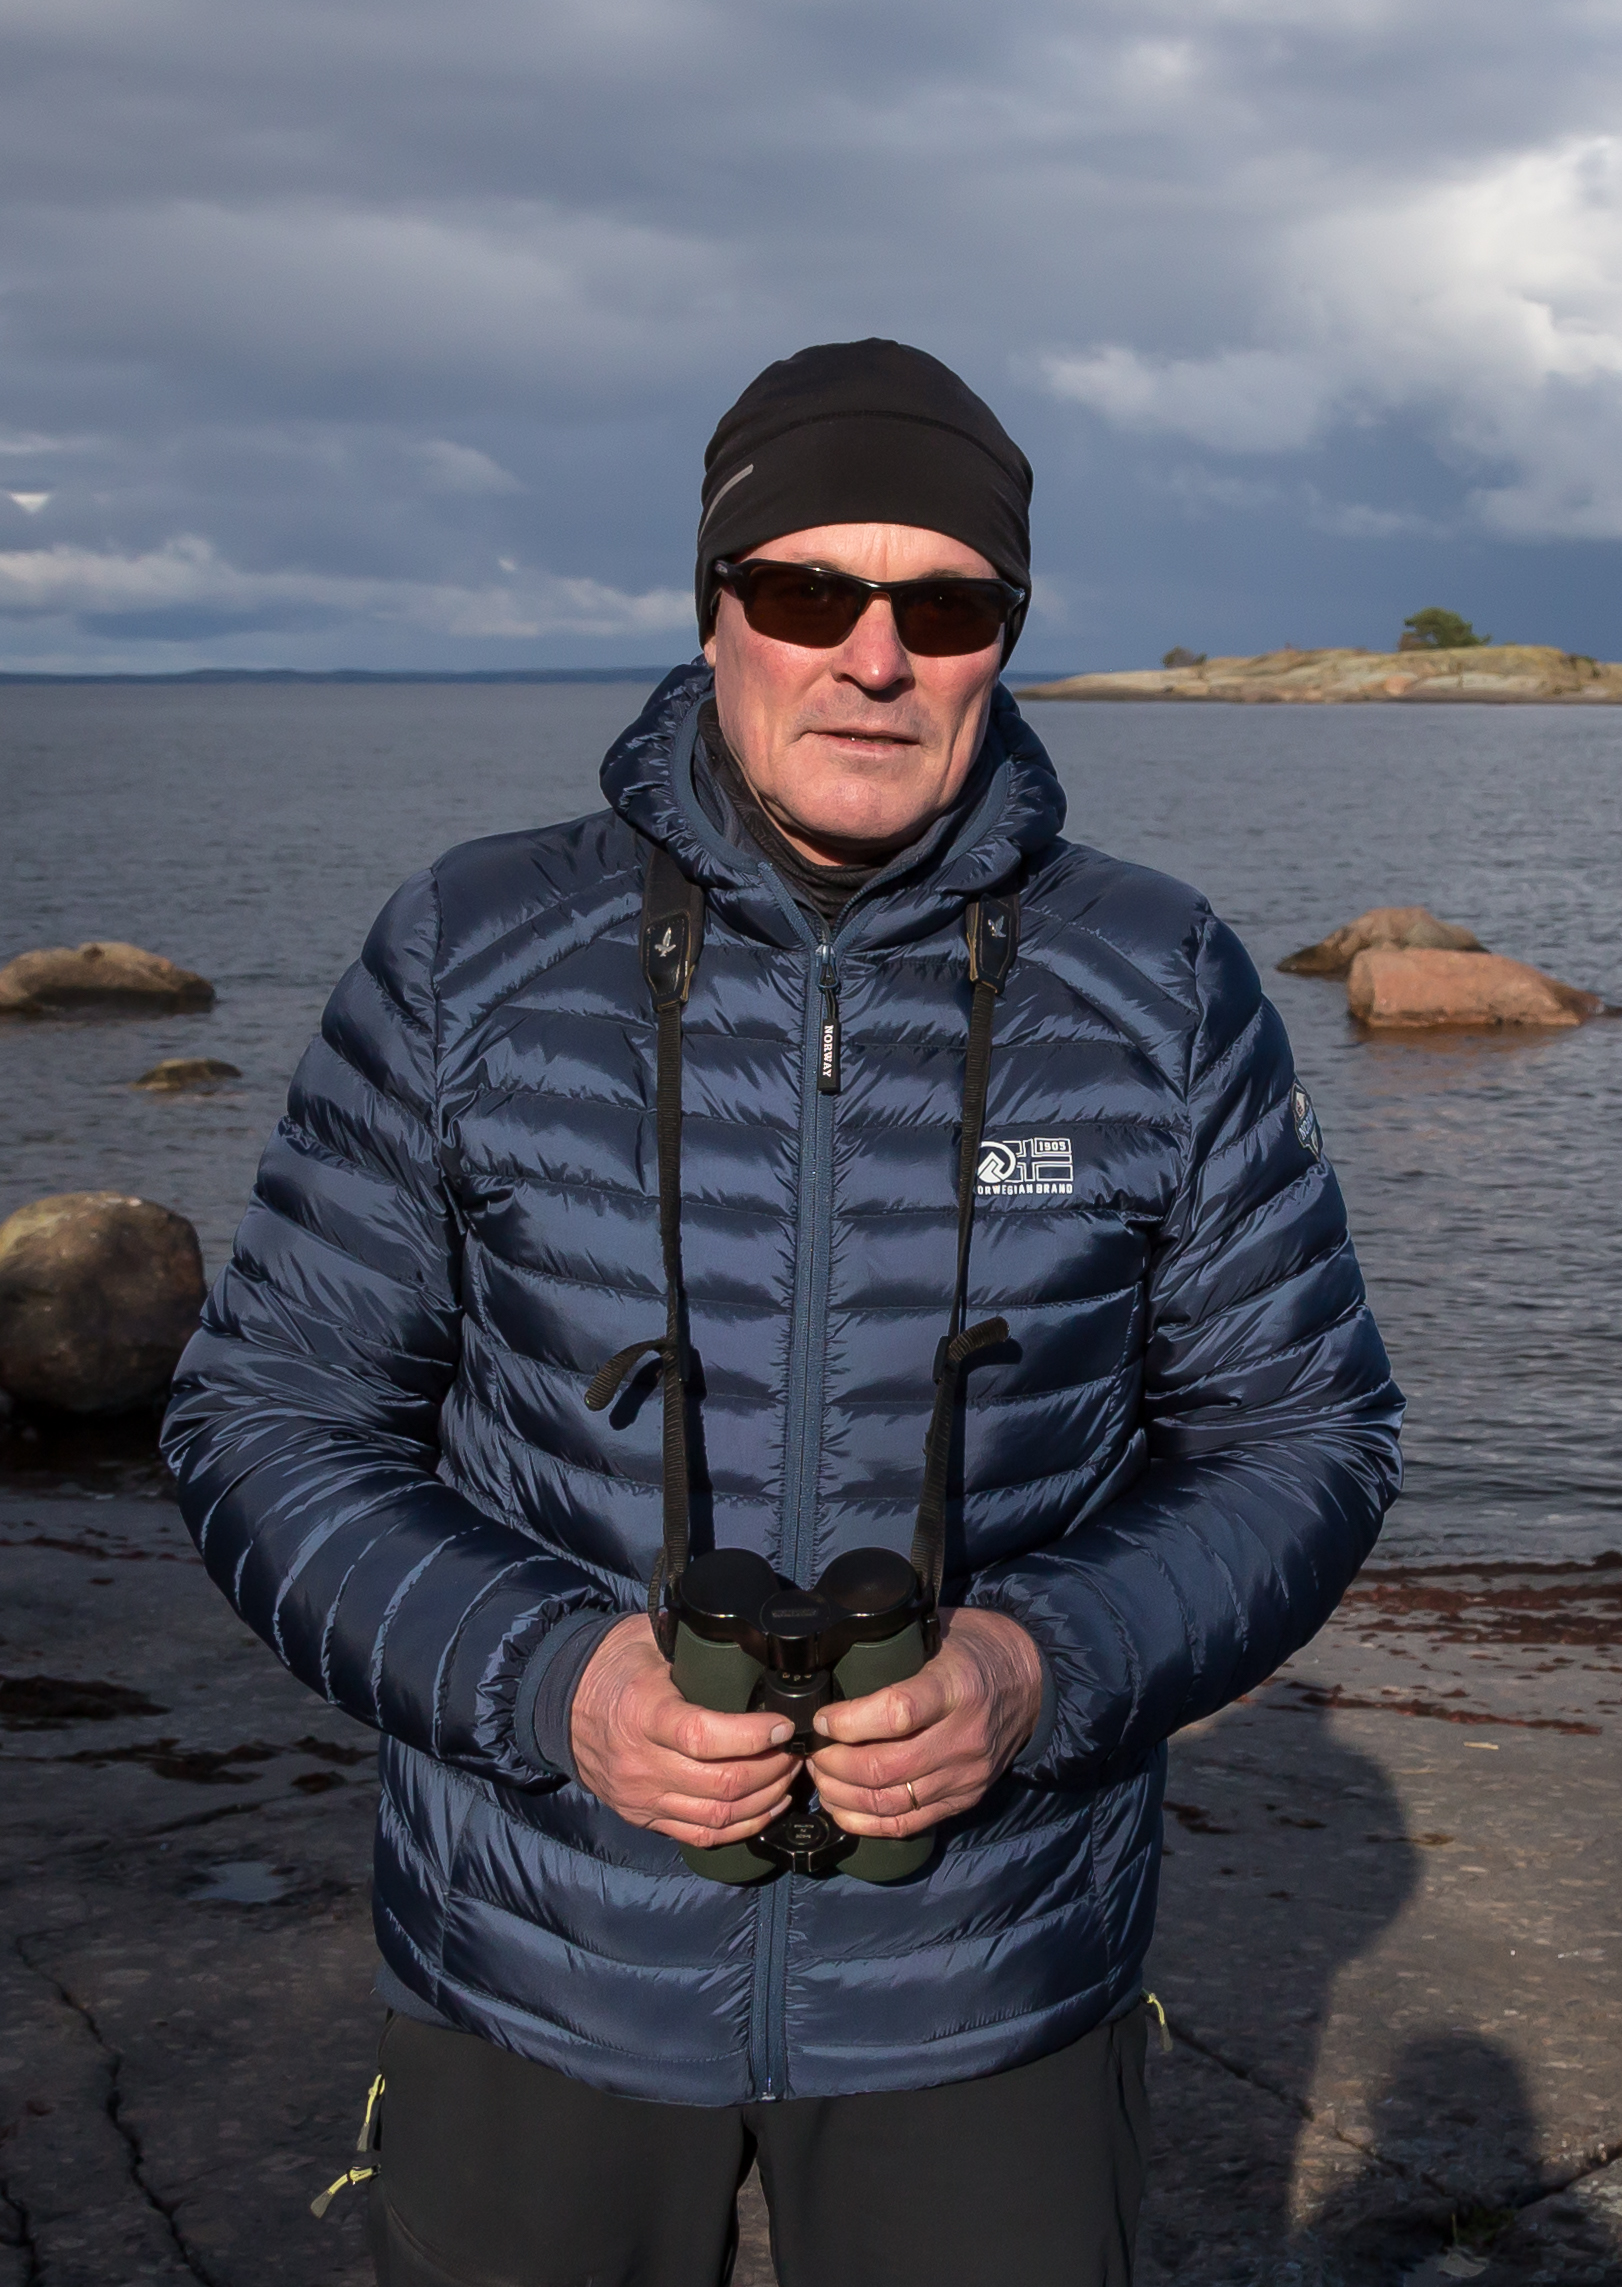 Jonas Häggblom:Sett på fåglar sedan mitten av 1970-talet. Fotograferat fåglar aktivt sedan början av 1980-talet. Verkat som ordförande för Östra Nylands fågel- och naturskydds-förening sedan slutet av 1990-talet. -